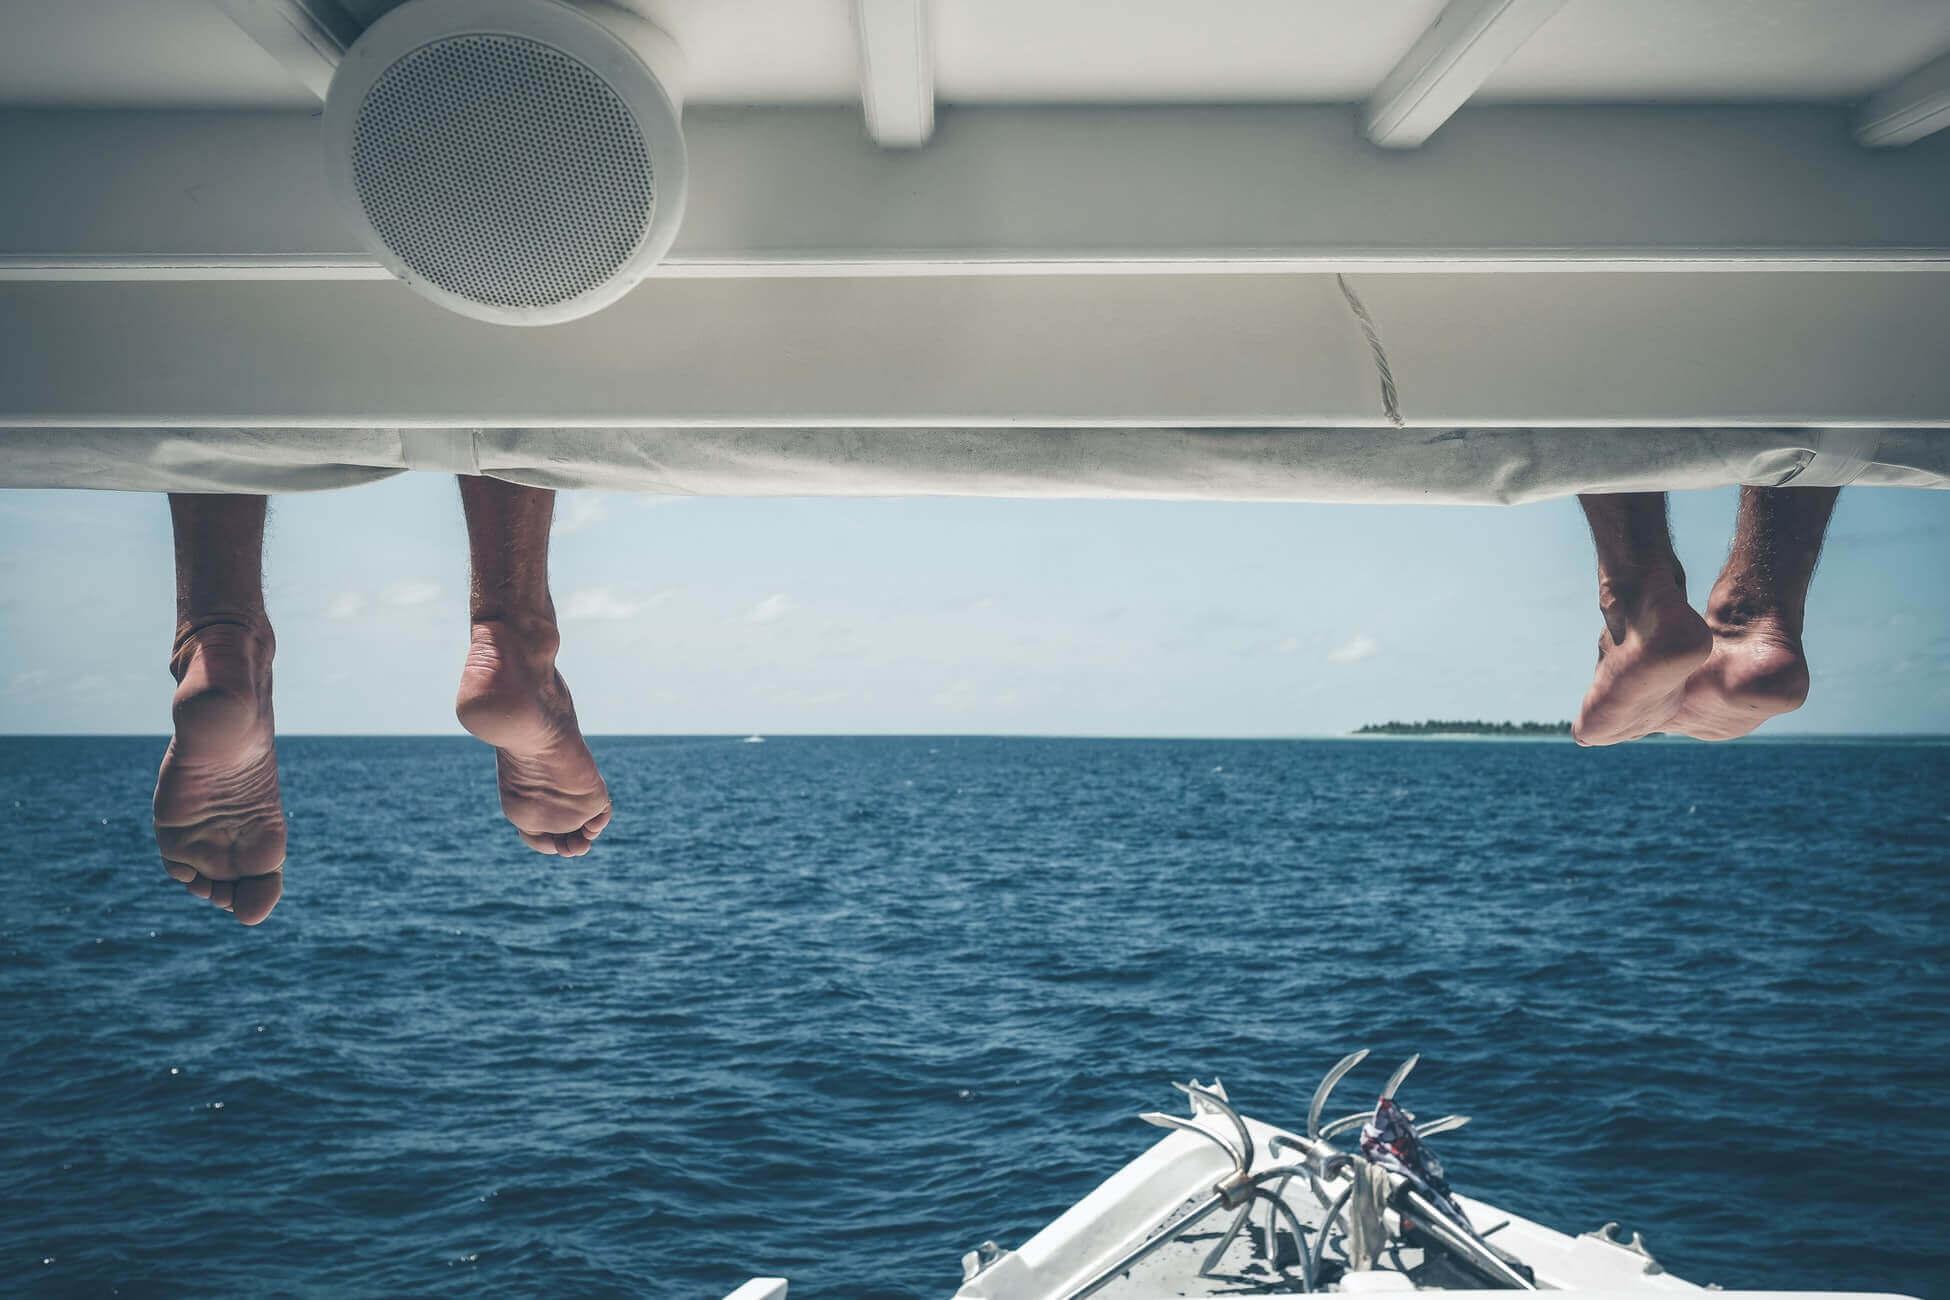 Поясним за новости: Мальдивы и Франция открываются для всех туристов в июле